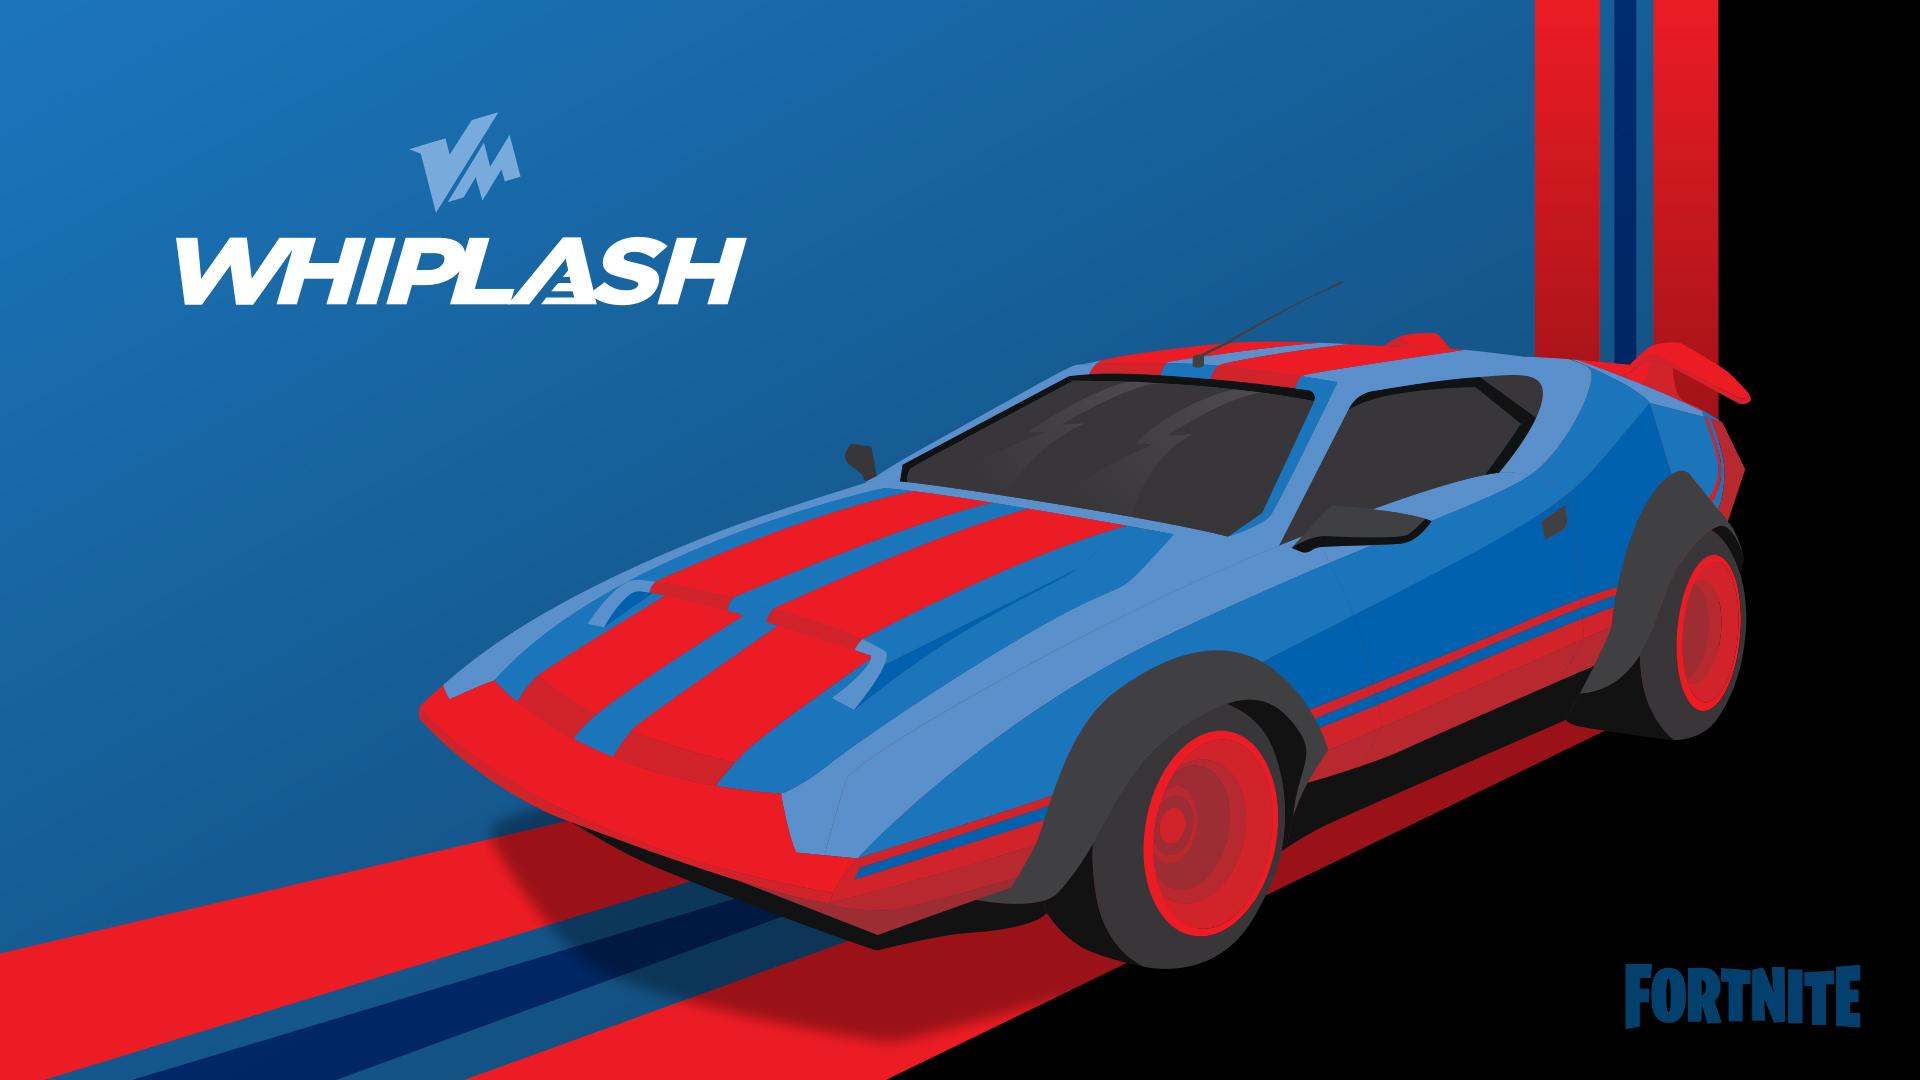 Машины появятся в Fortnite уже 5 августа / epicgames.com